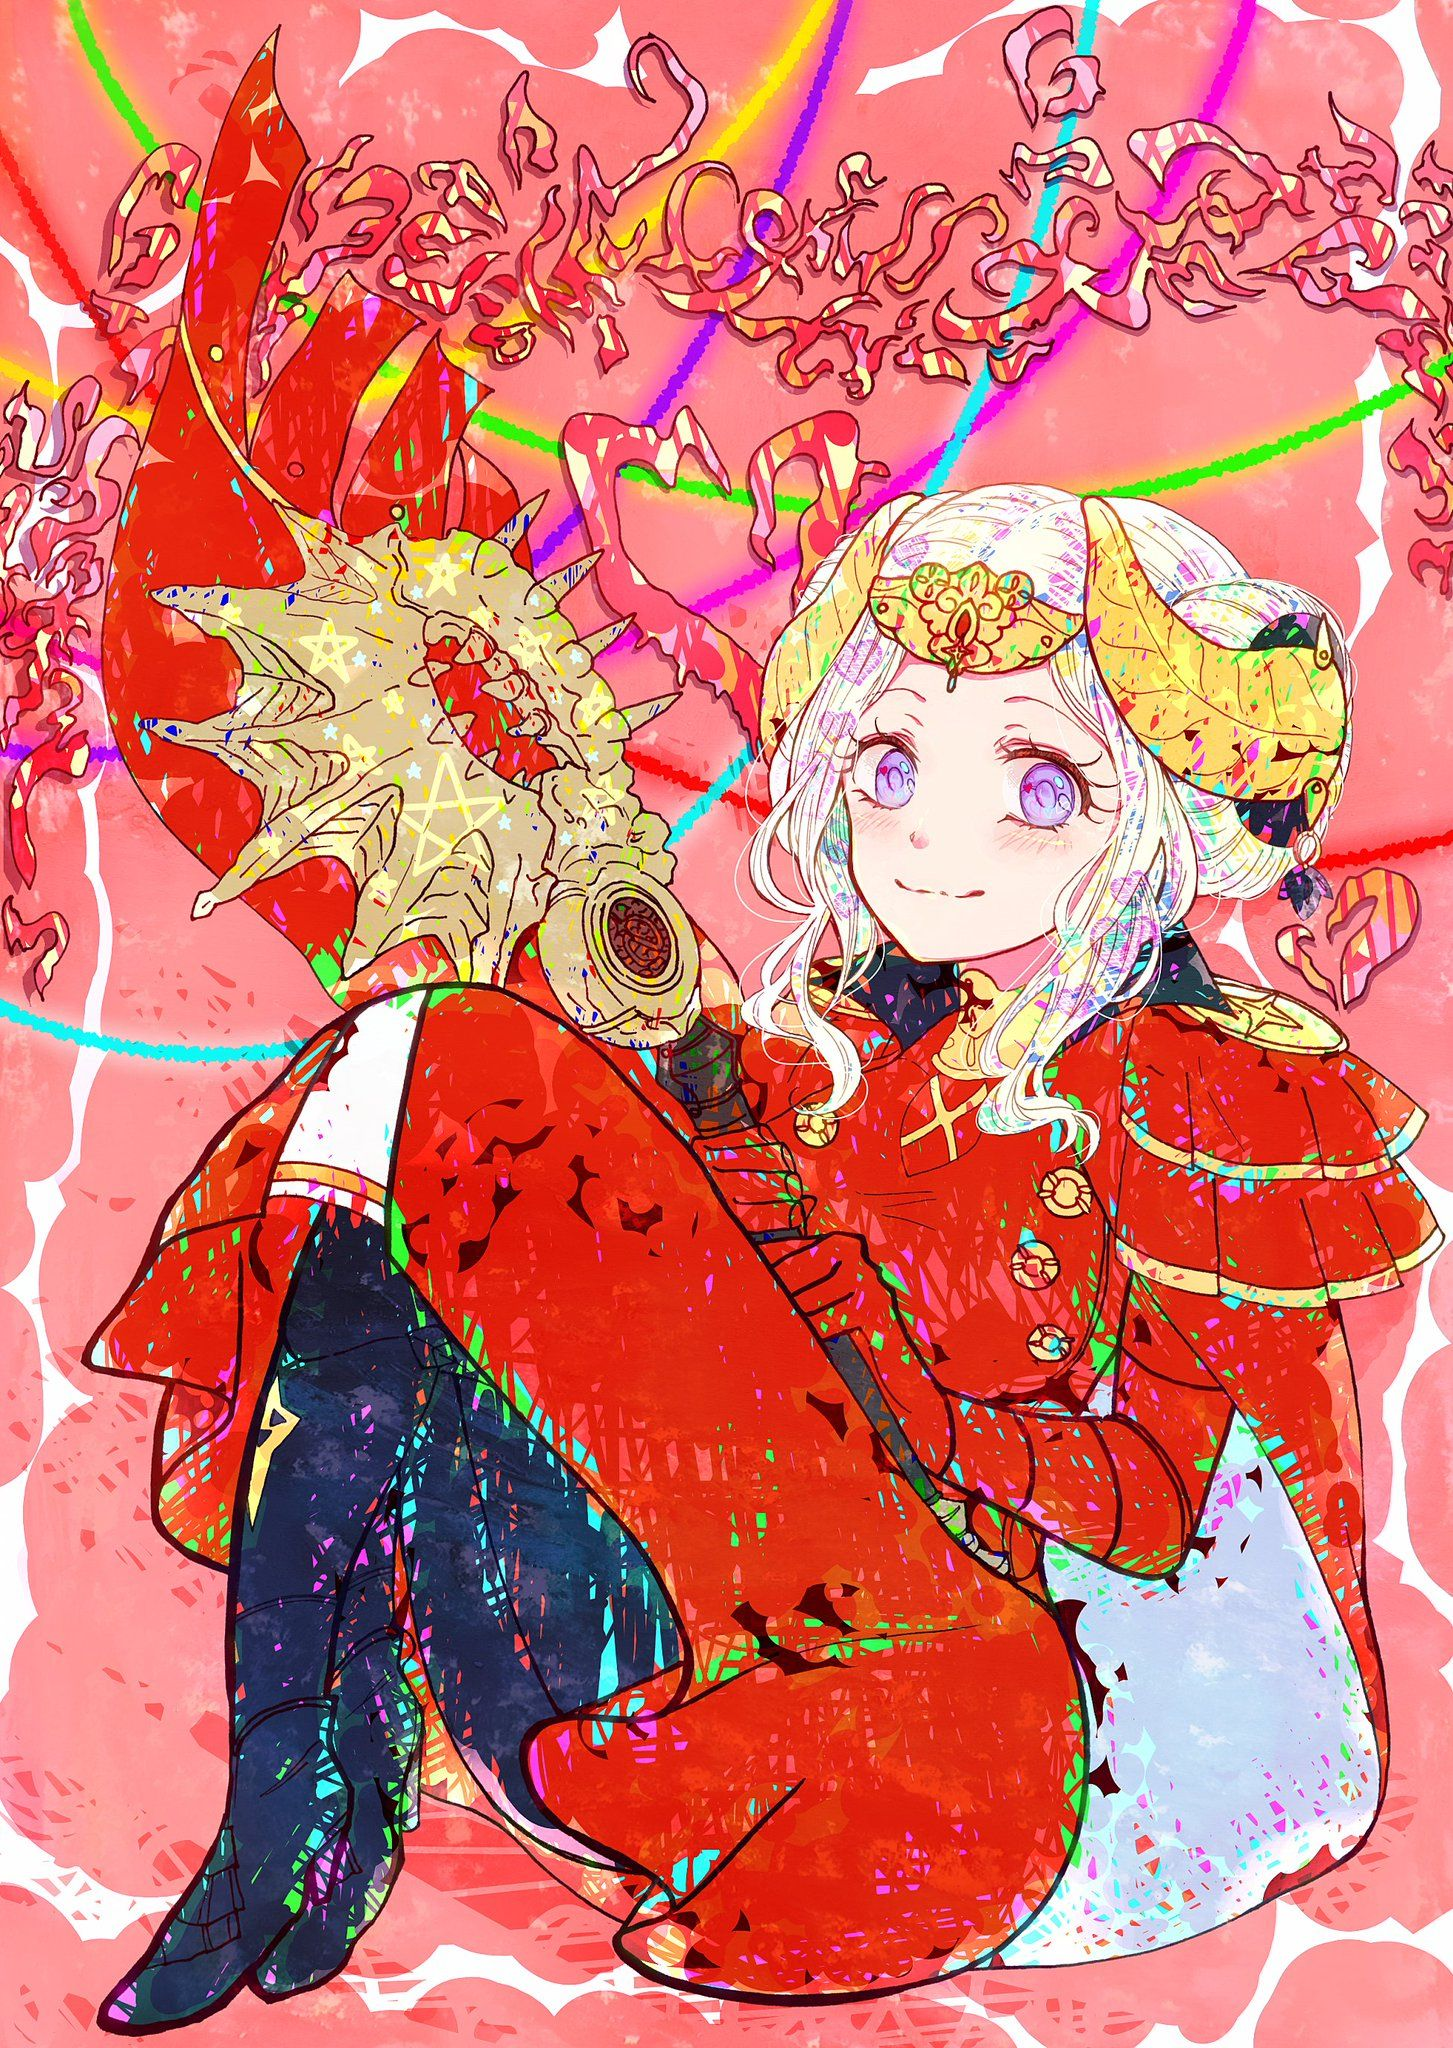 赤丸さあしゃ on Fire emblem, Anime, Game art